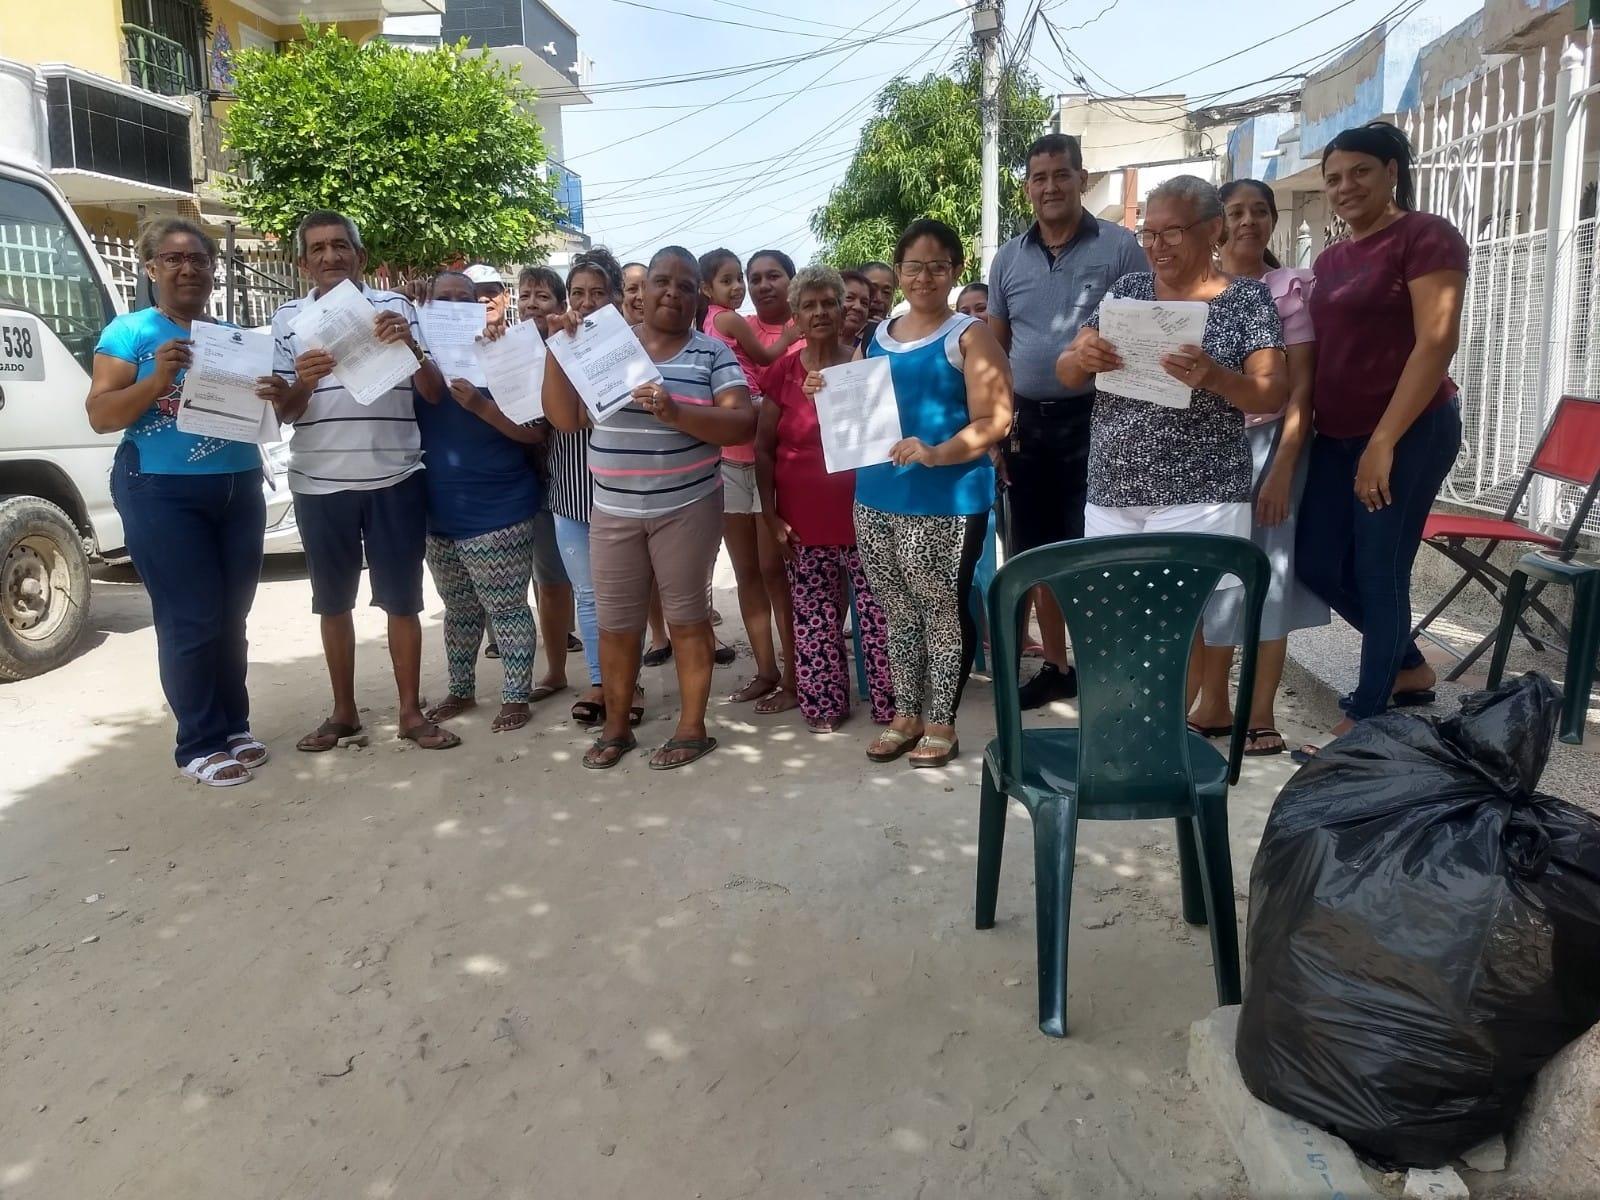 Vecinos muestran los documentos que han llevado pidiendo la intervención de las vías.